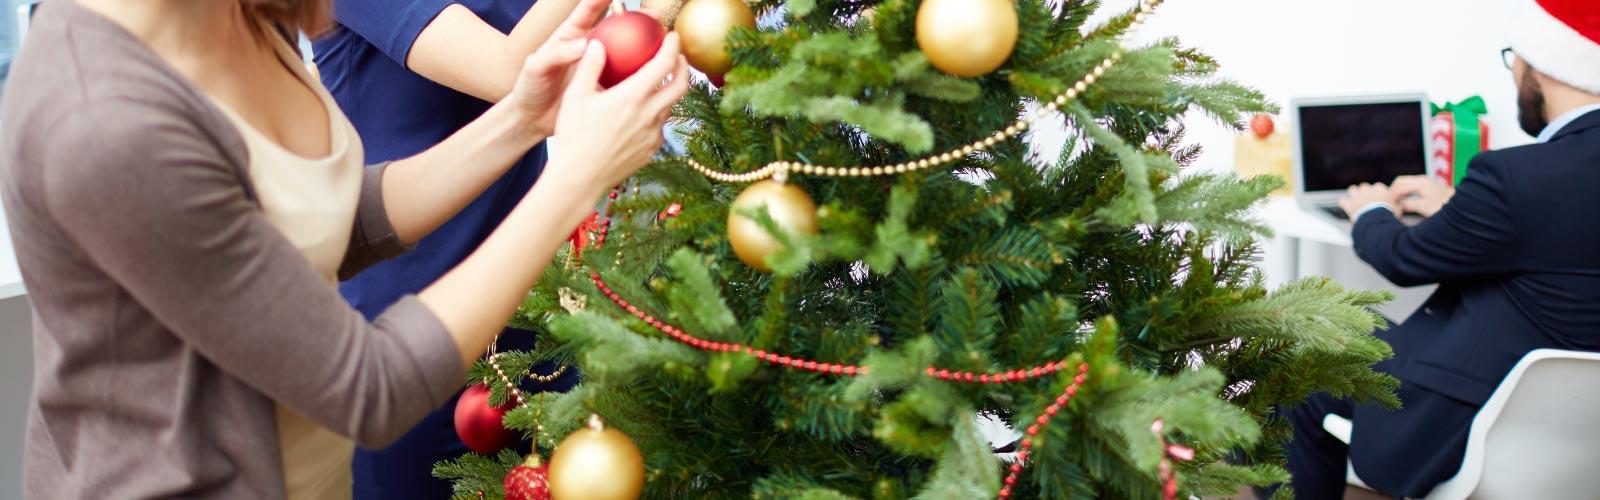 Cómo adornar una oficina para navidad